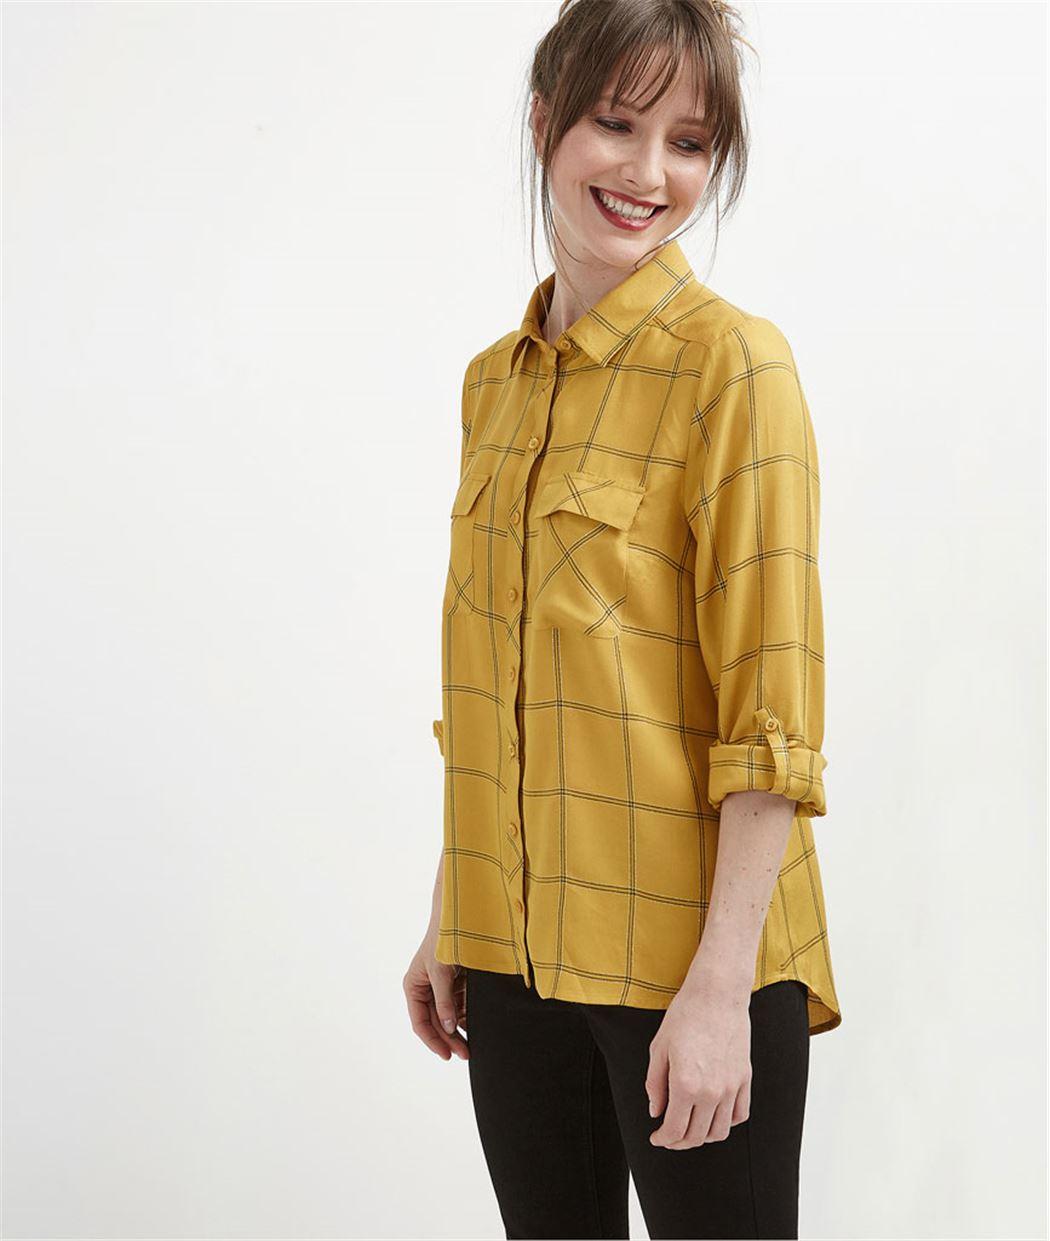 Chemise femme fluide à carreaux SAFRAN